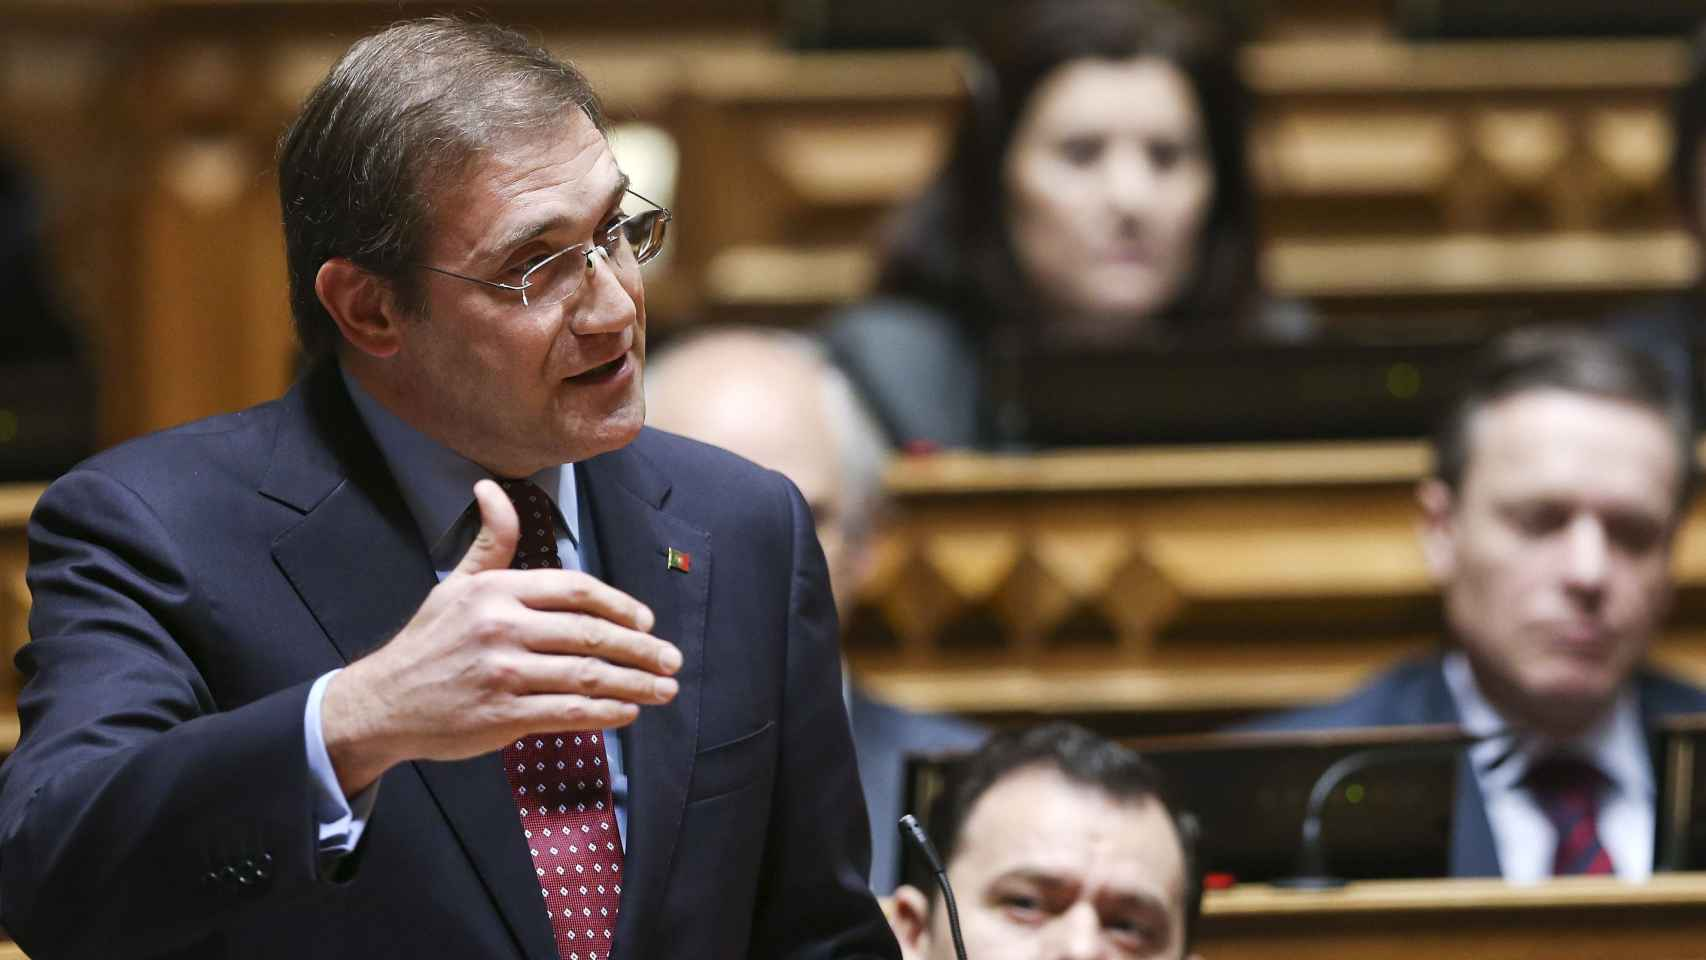 Pedro Passos Coelho en el debate del Parlamento portugués.